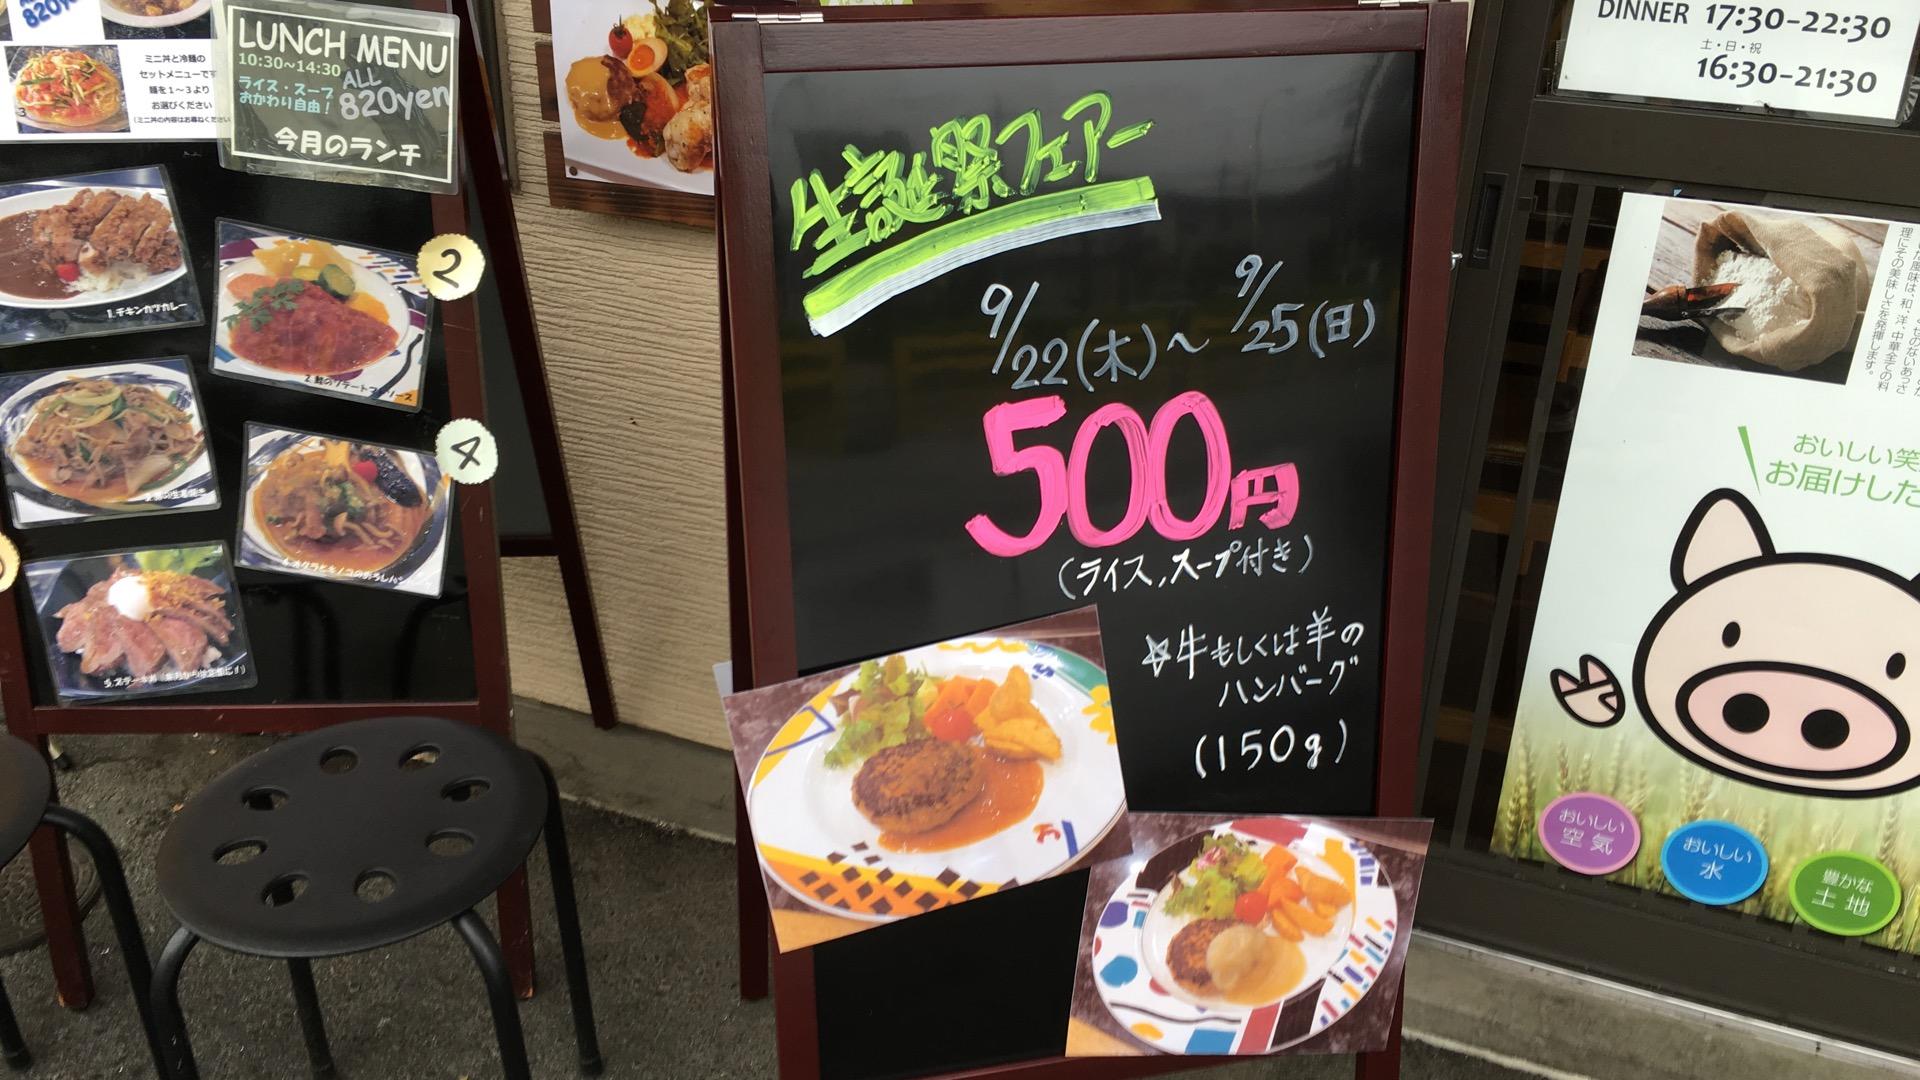 【上尾市】ジャンマルシェ内 Tepppan 翔 おすすめのハンバーグ・ステーキ店